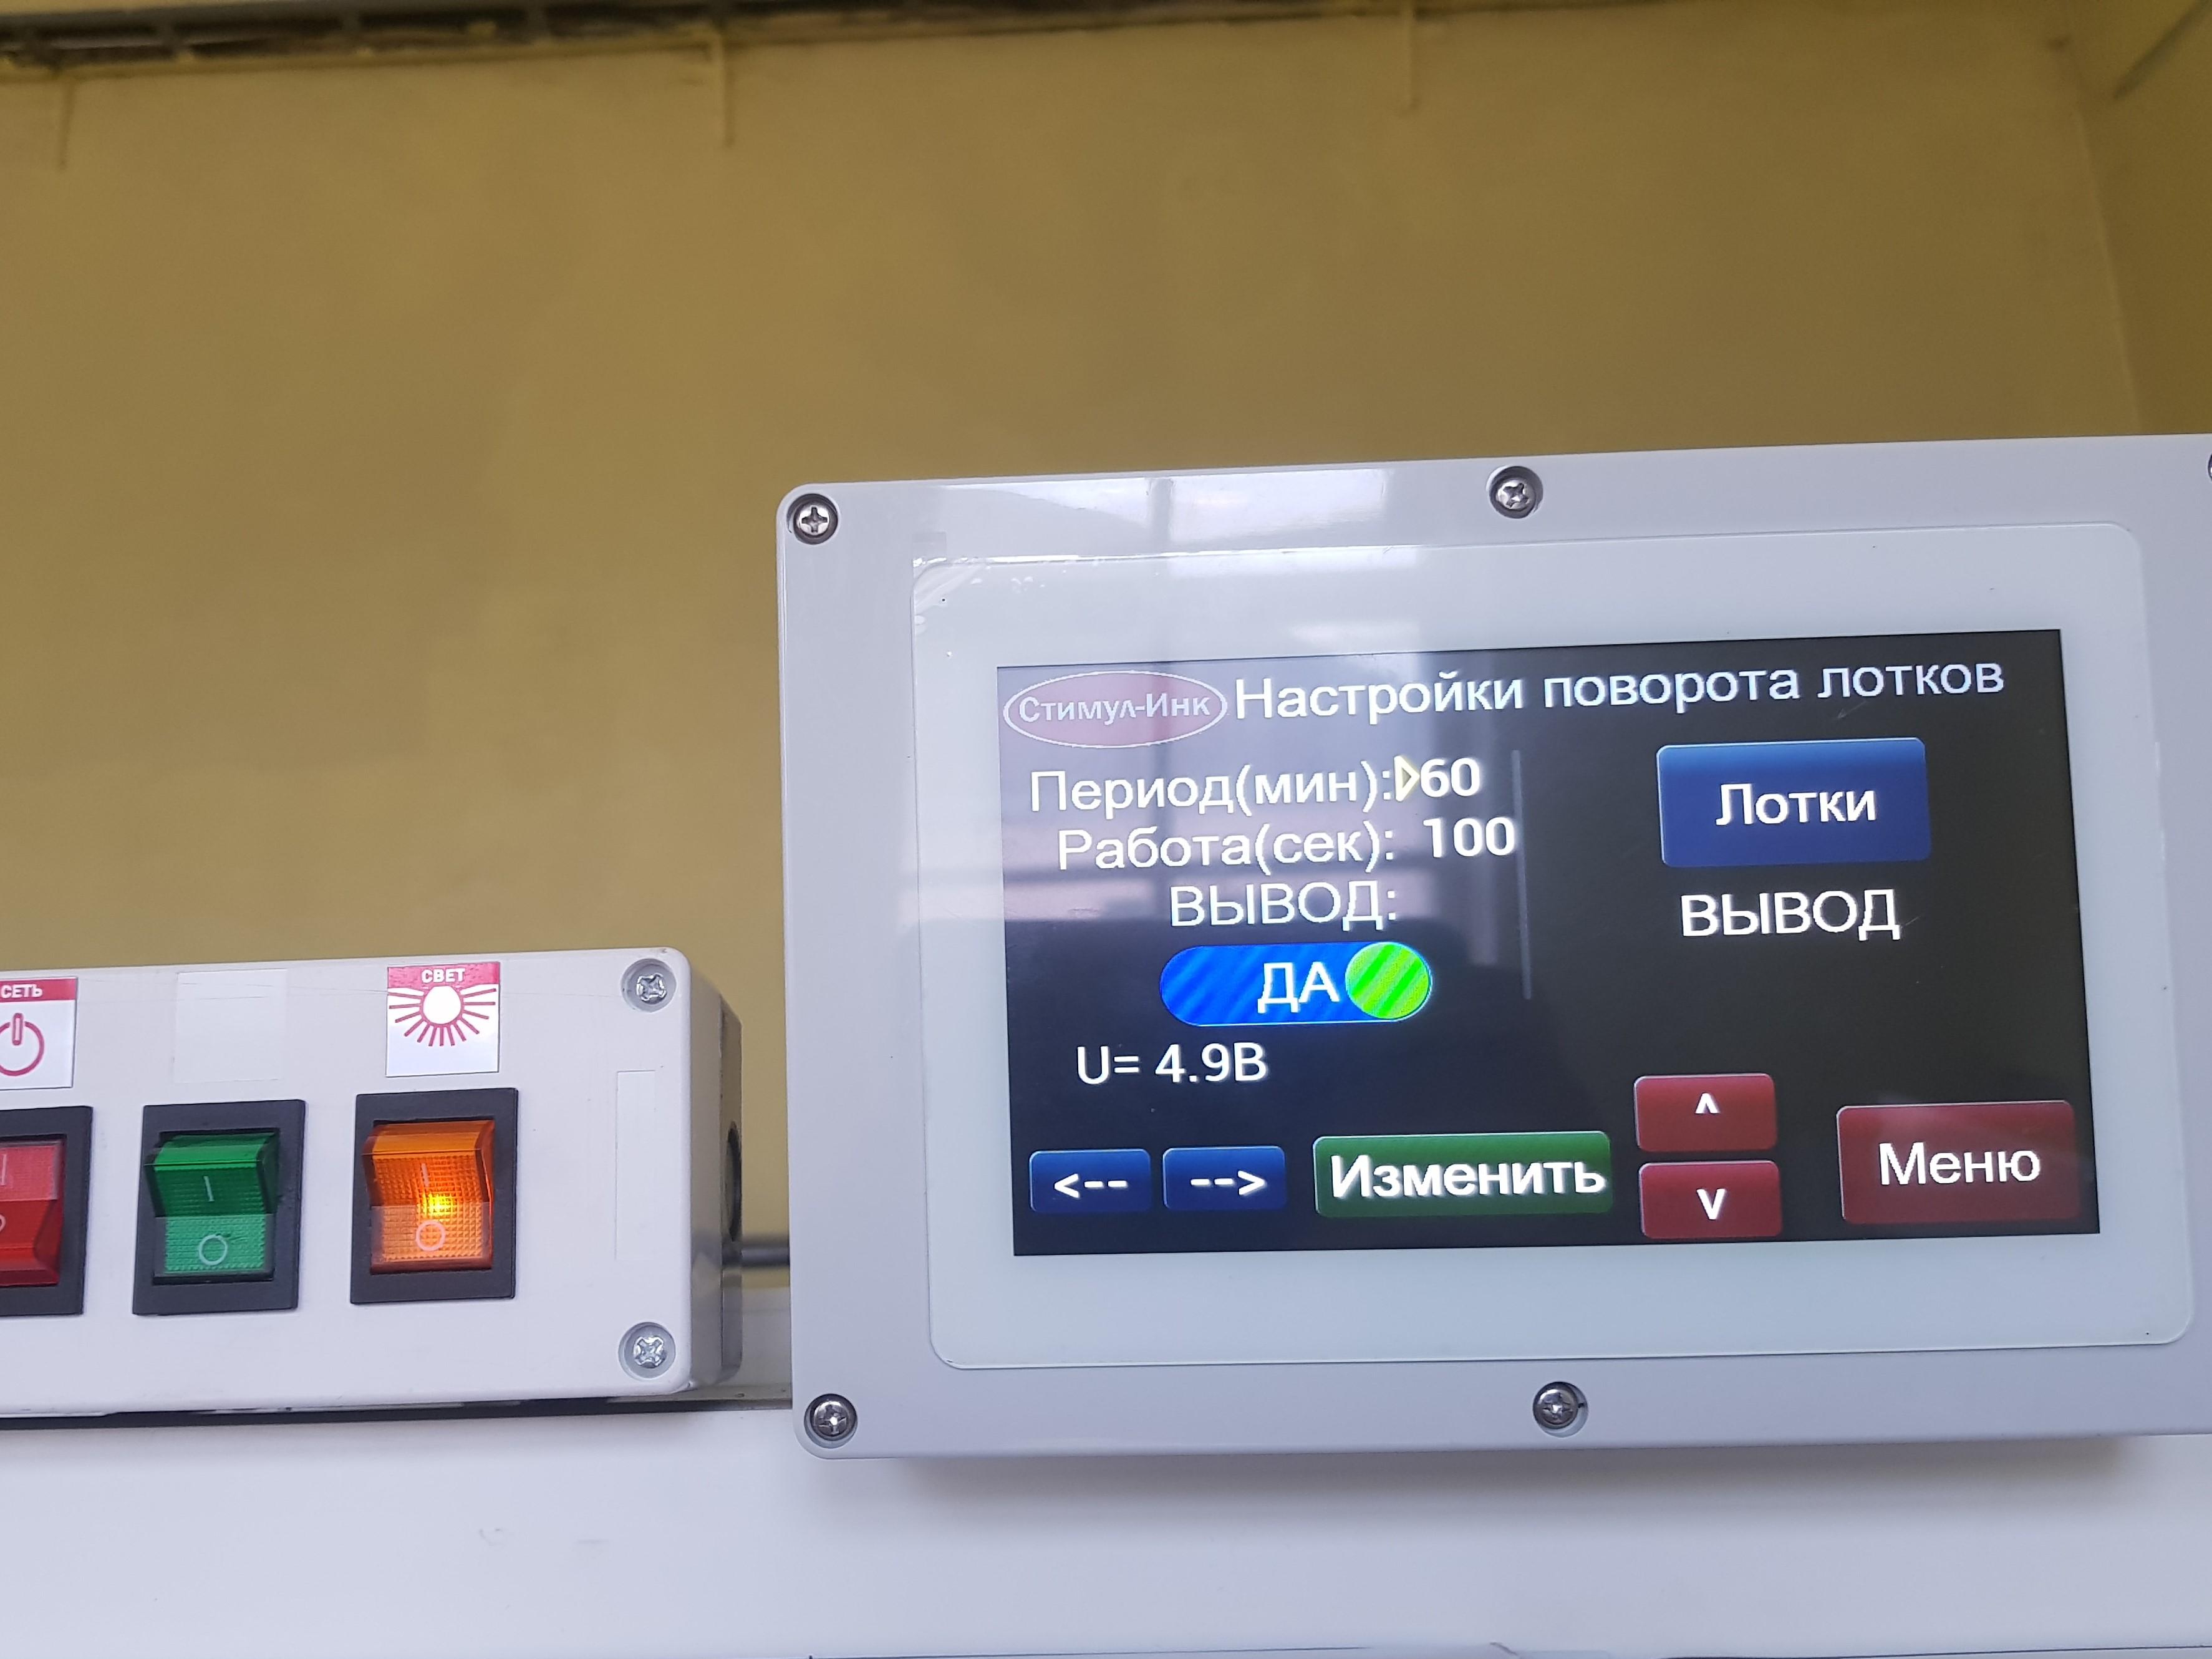 inkubatorpromyshlennyyvyvodnoystimuliv-16novayasistemaupravleniyazhkdispleymenyulotkov.jpg